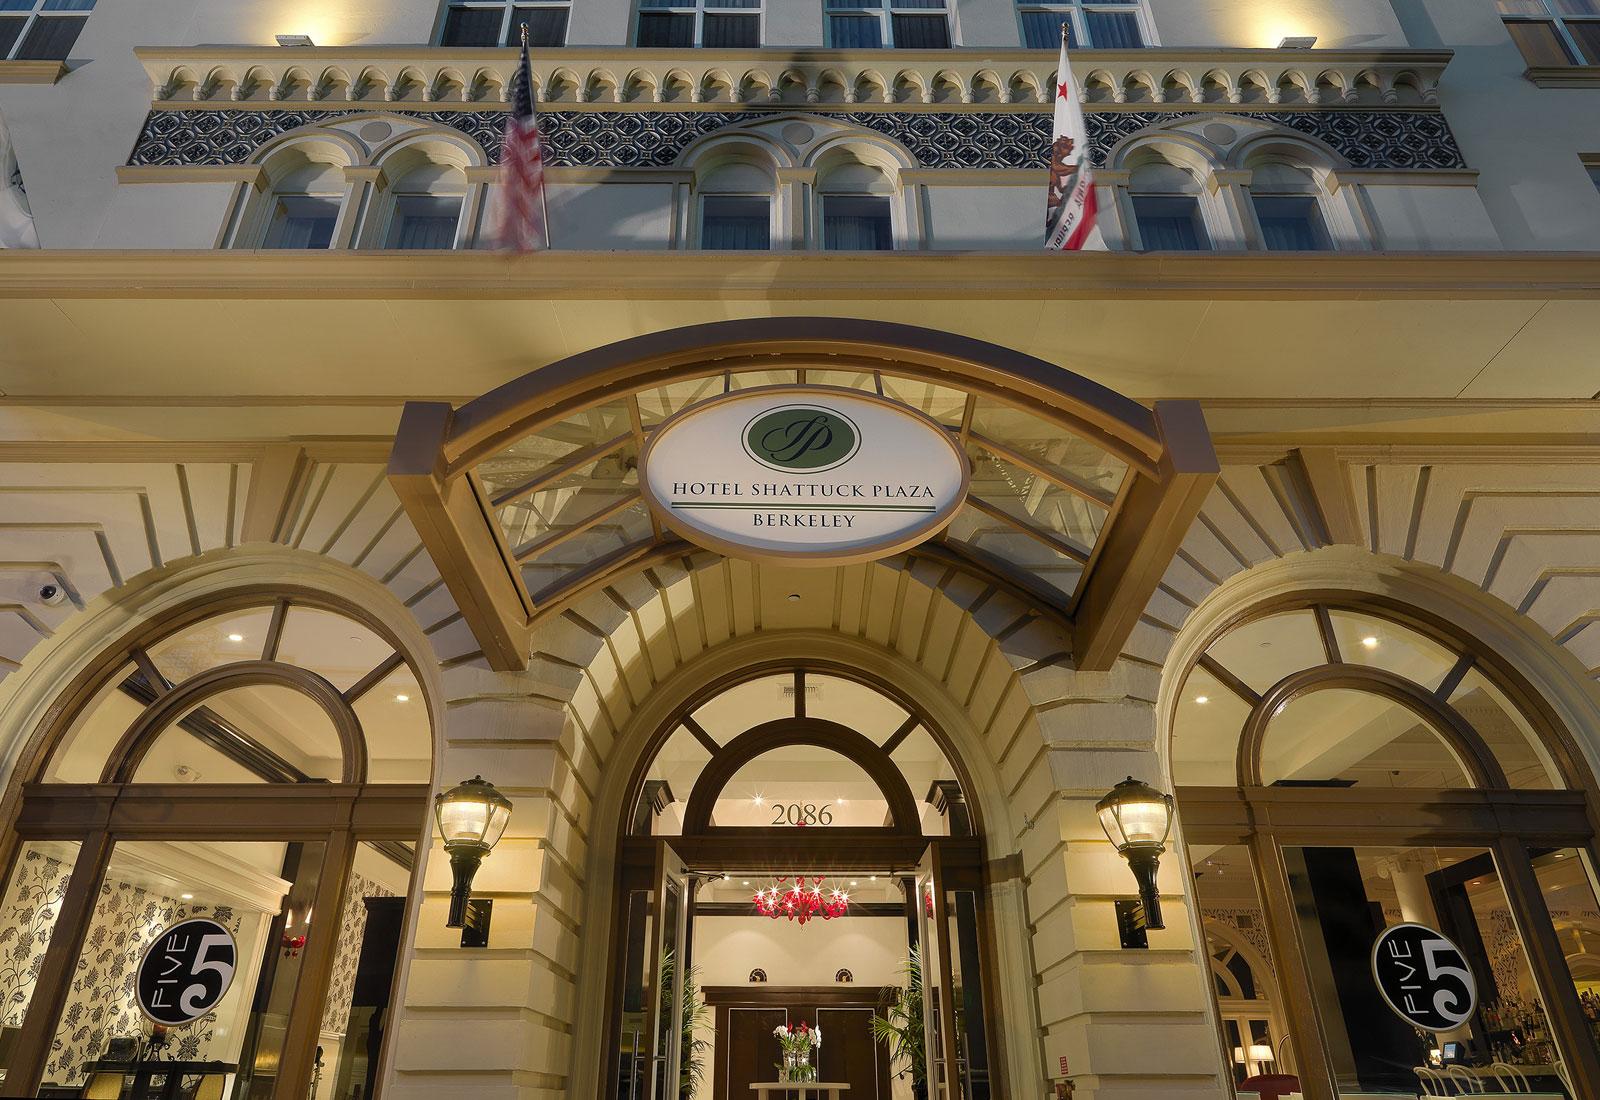 location-of-hotel-shattuck-plaza-berkeley-top.jpg